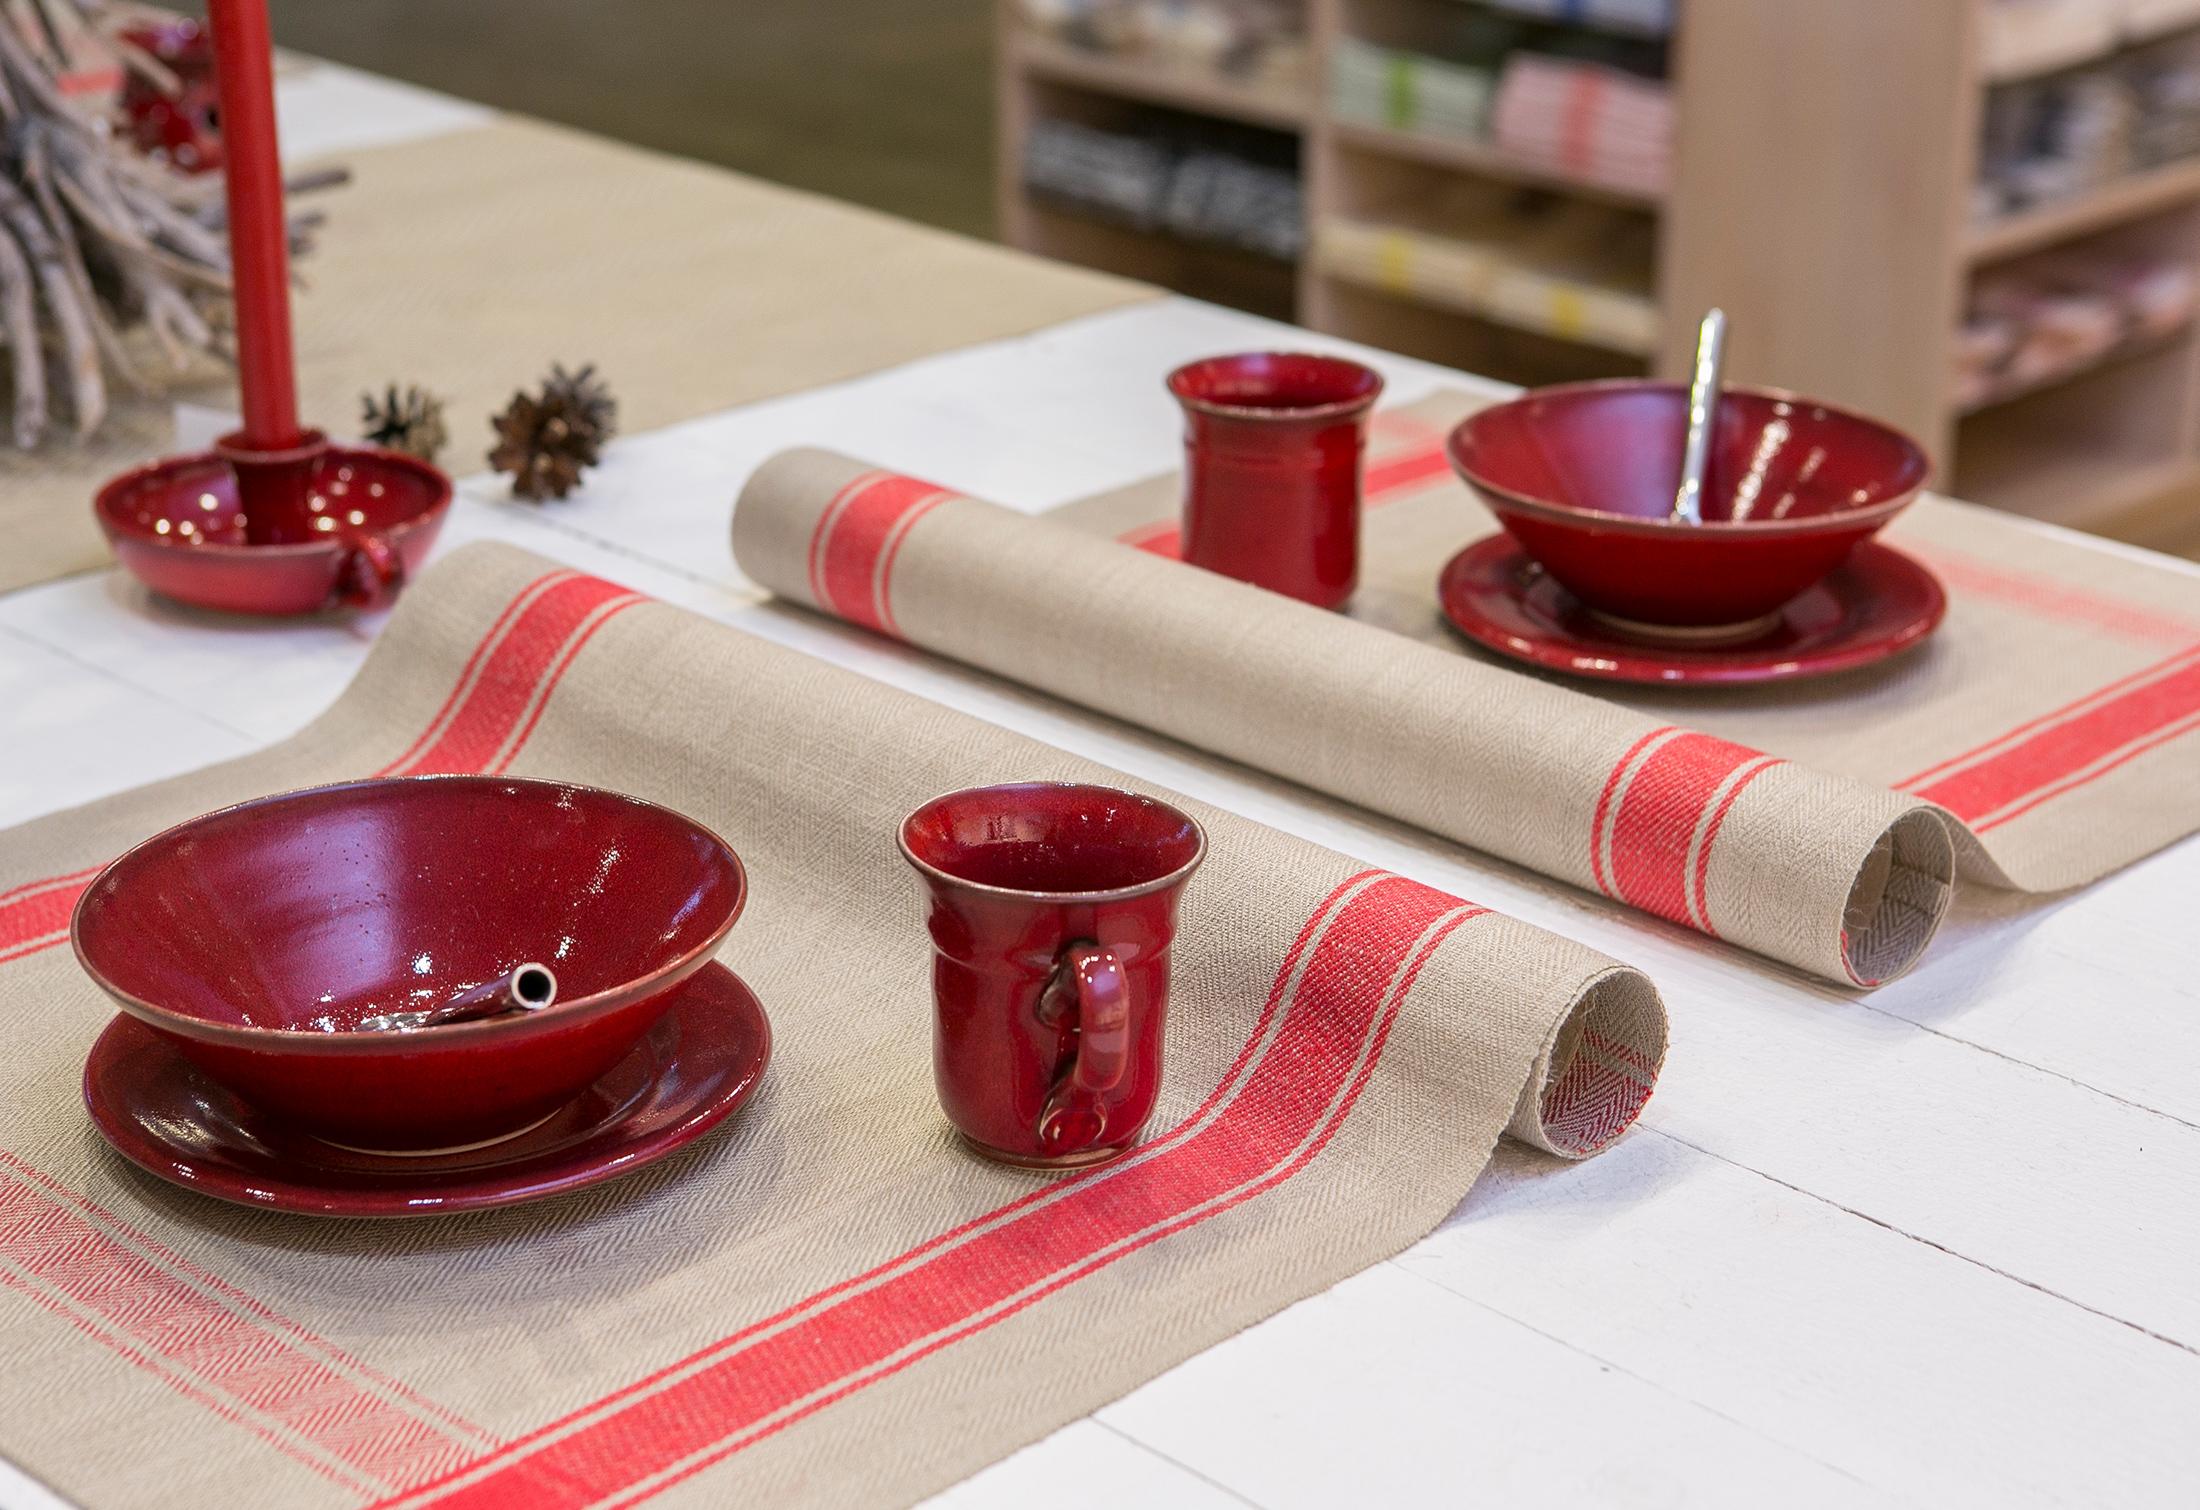 Allmoge kökshandduk linnehandduk Klässbols Linneväveri oblekt med rött inslag som bordstablett